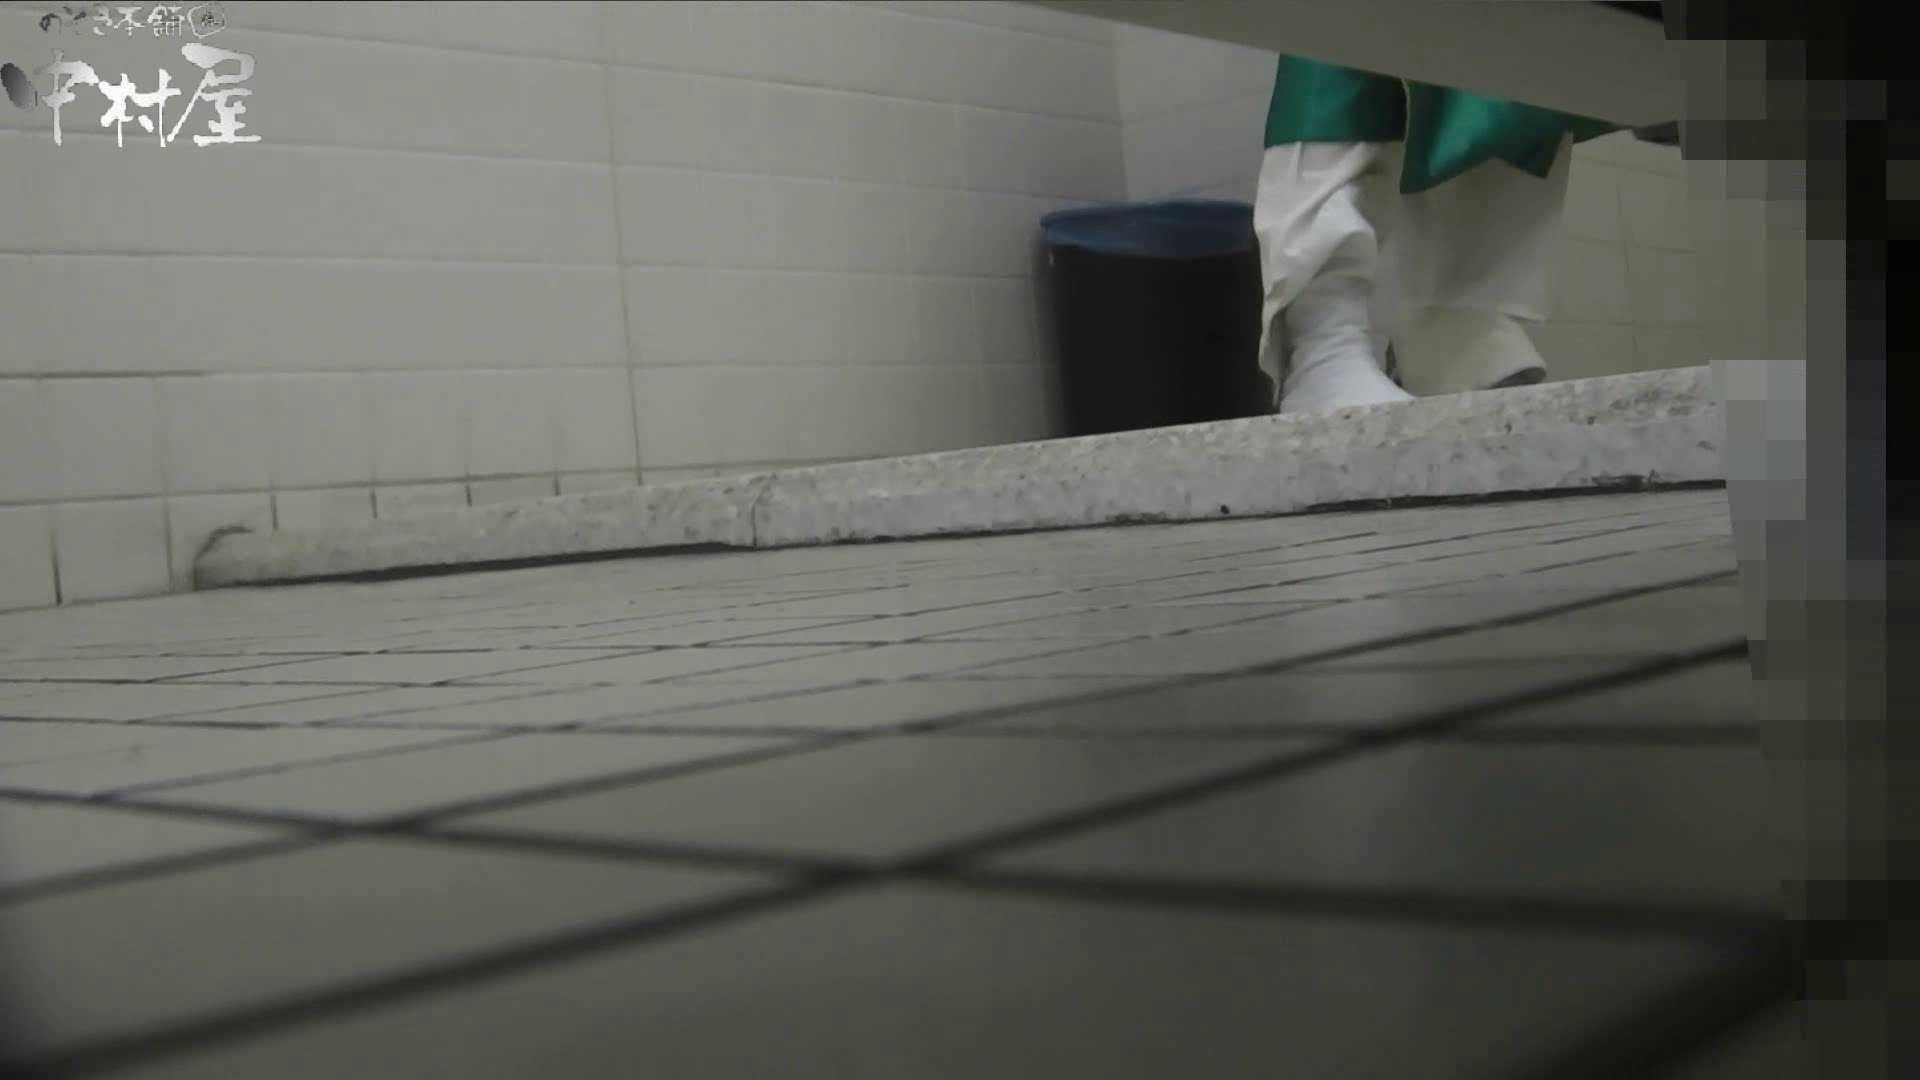 【お銀さんの「洗面所突入レポート!!」】お銀さんの「洗面所突入レポート!!」 vol.29 ∑(゚Д゚)アッ! 洗面所 | HなOL  100pic 51